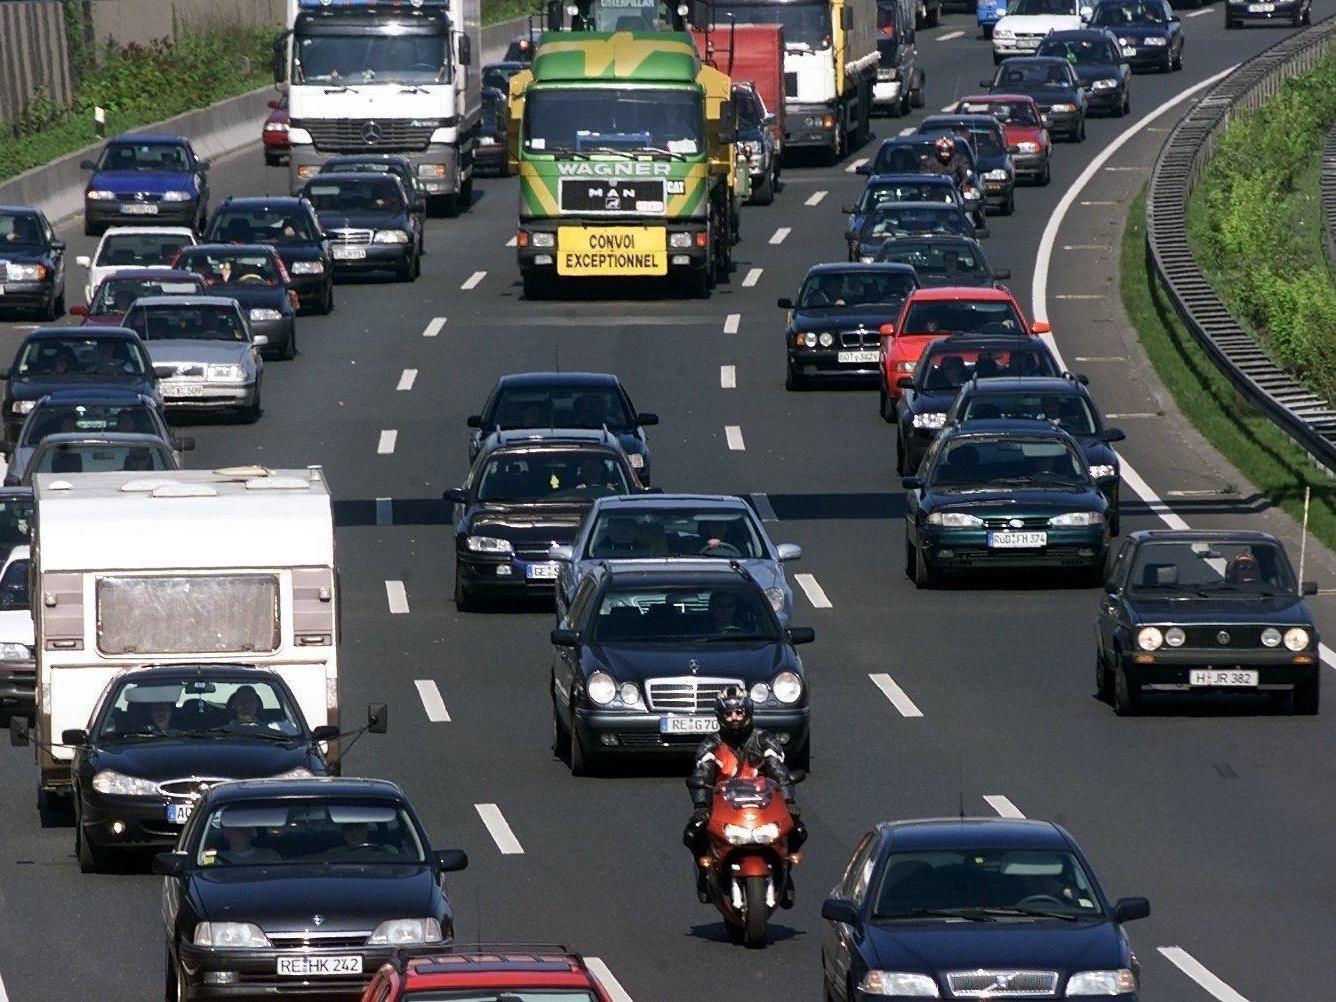 Jeder zweite Pkw-Lenker im Reiseverkehr übermüdet unterwegs